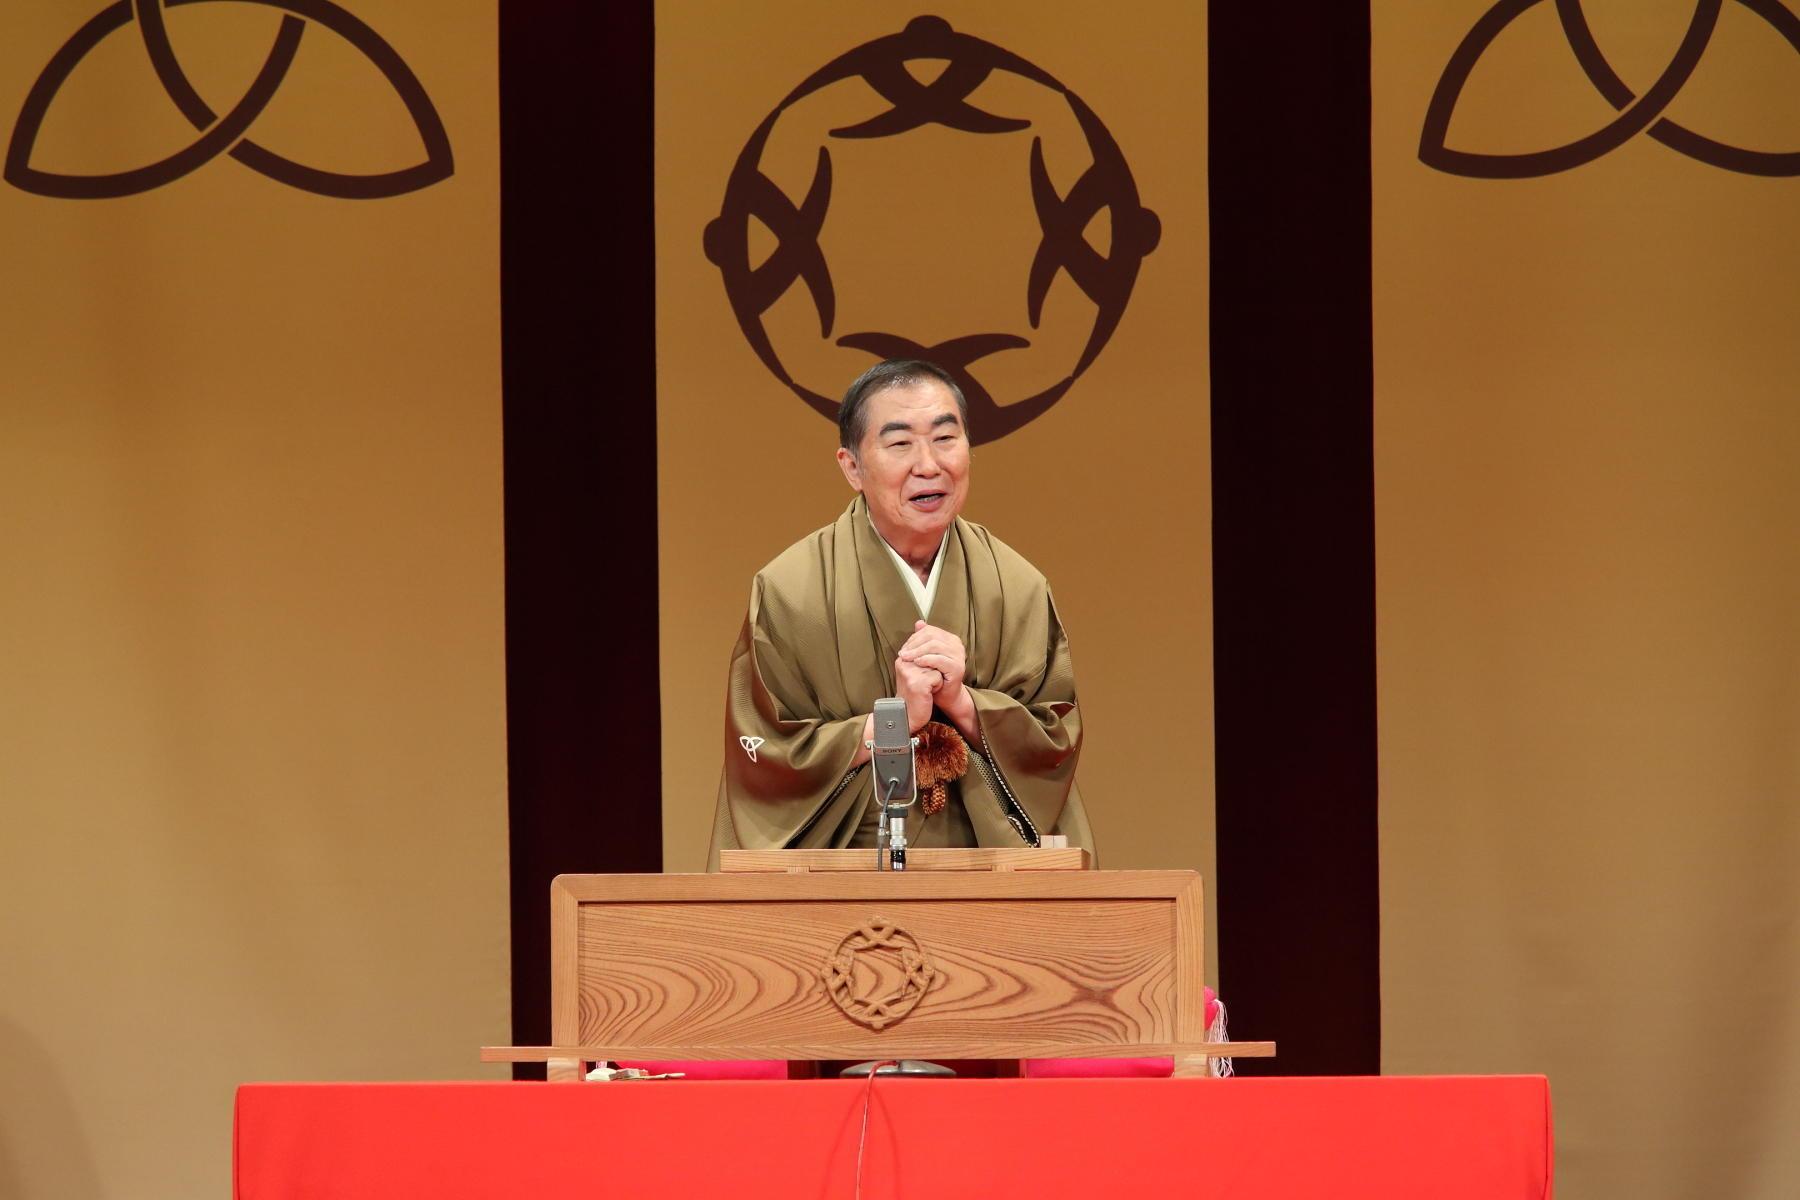 http://news.yoshimoto.co.jp/20180925103611-ce45d63f36bf37a421846761cacc2897d050d1a1.jpg